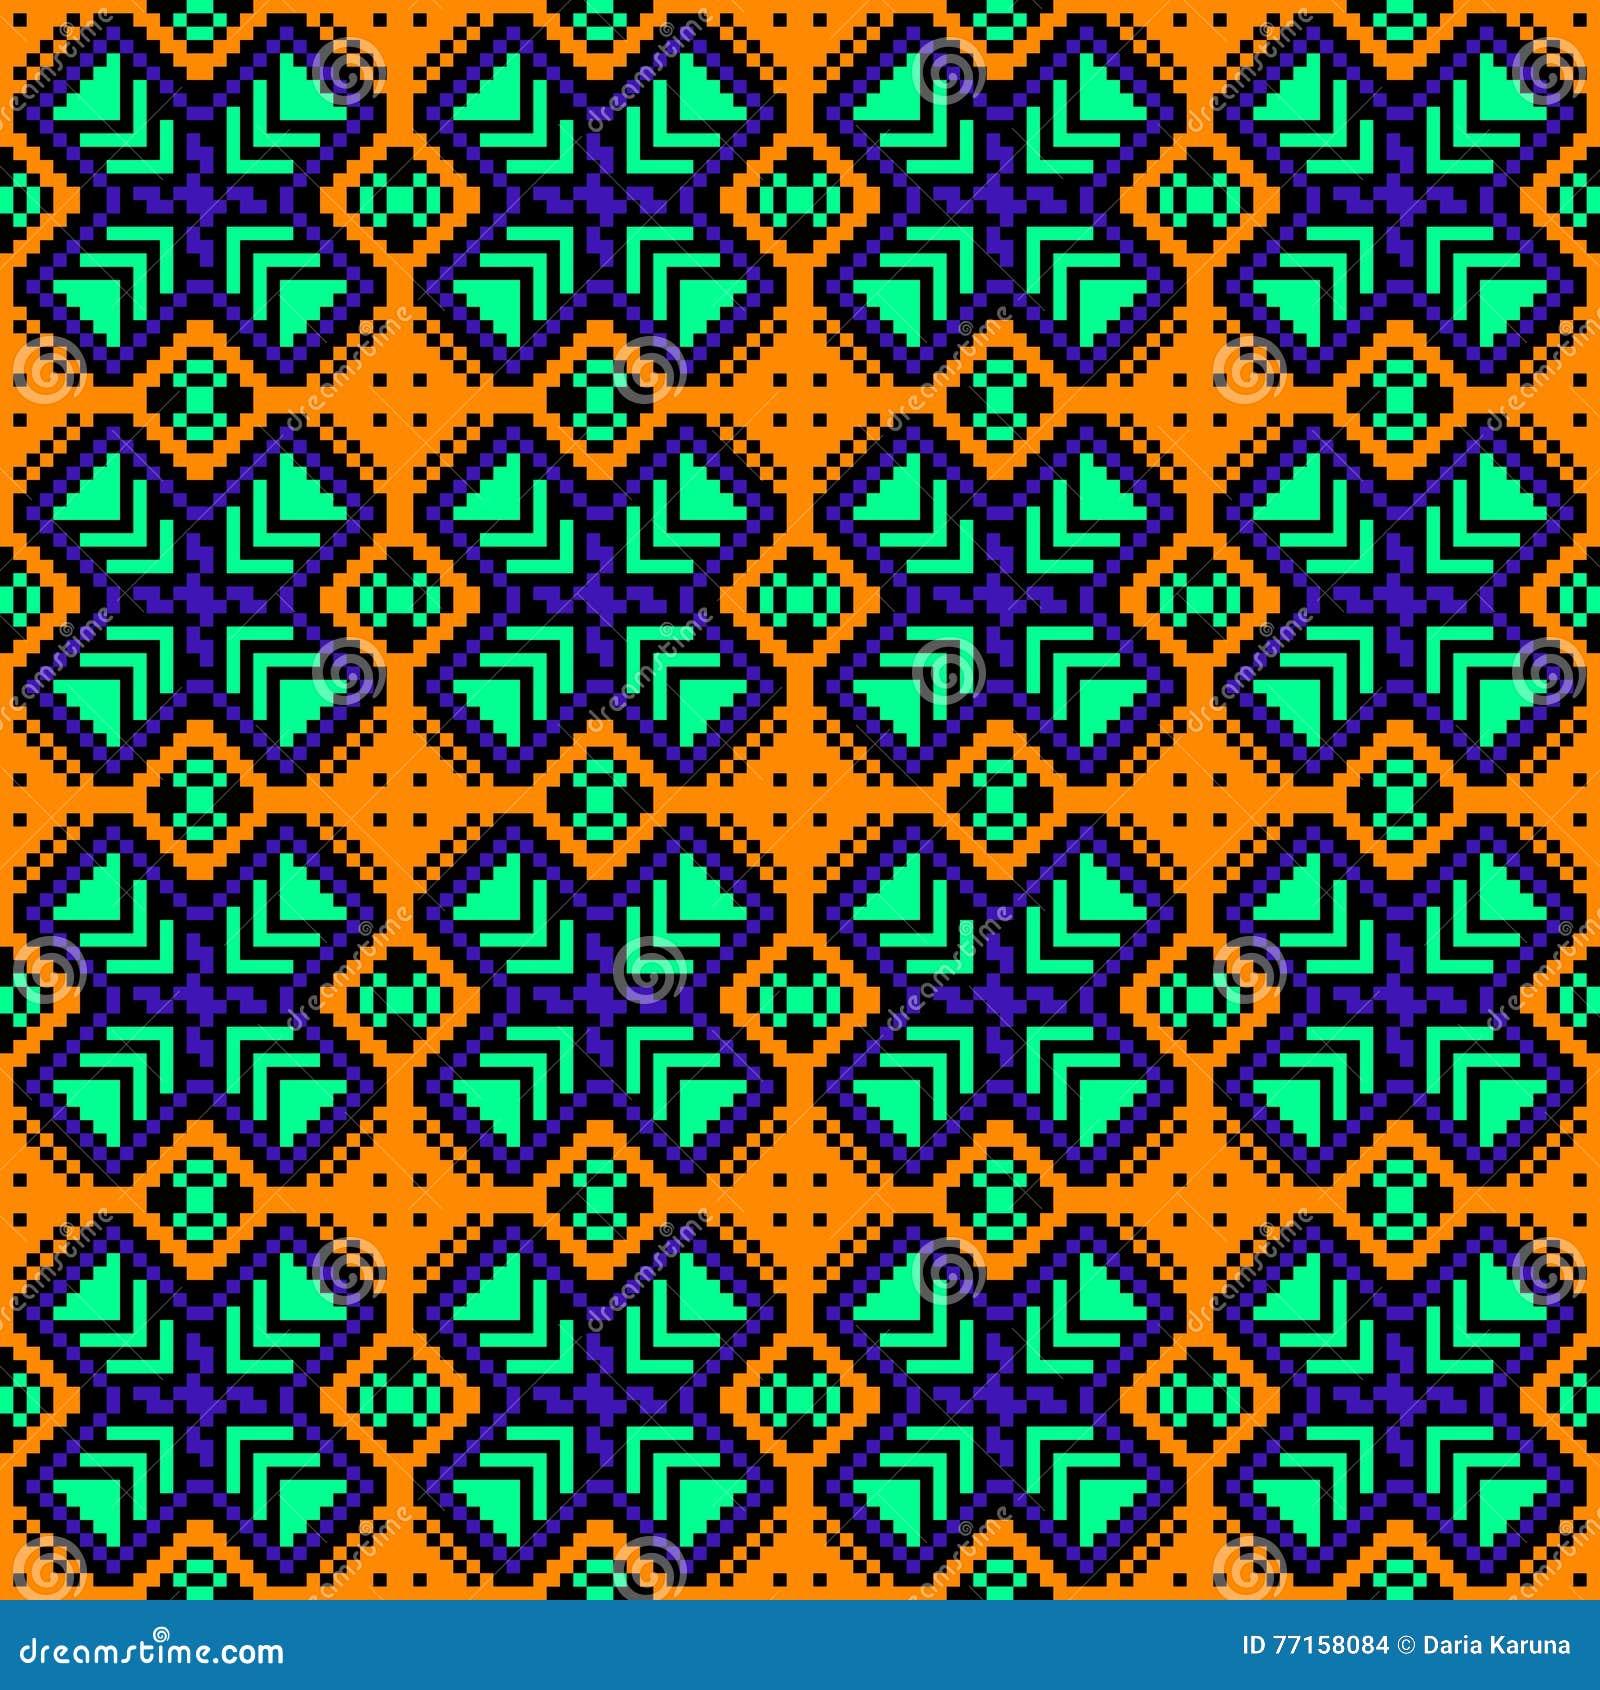 Image lumineuse des pixels